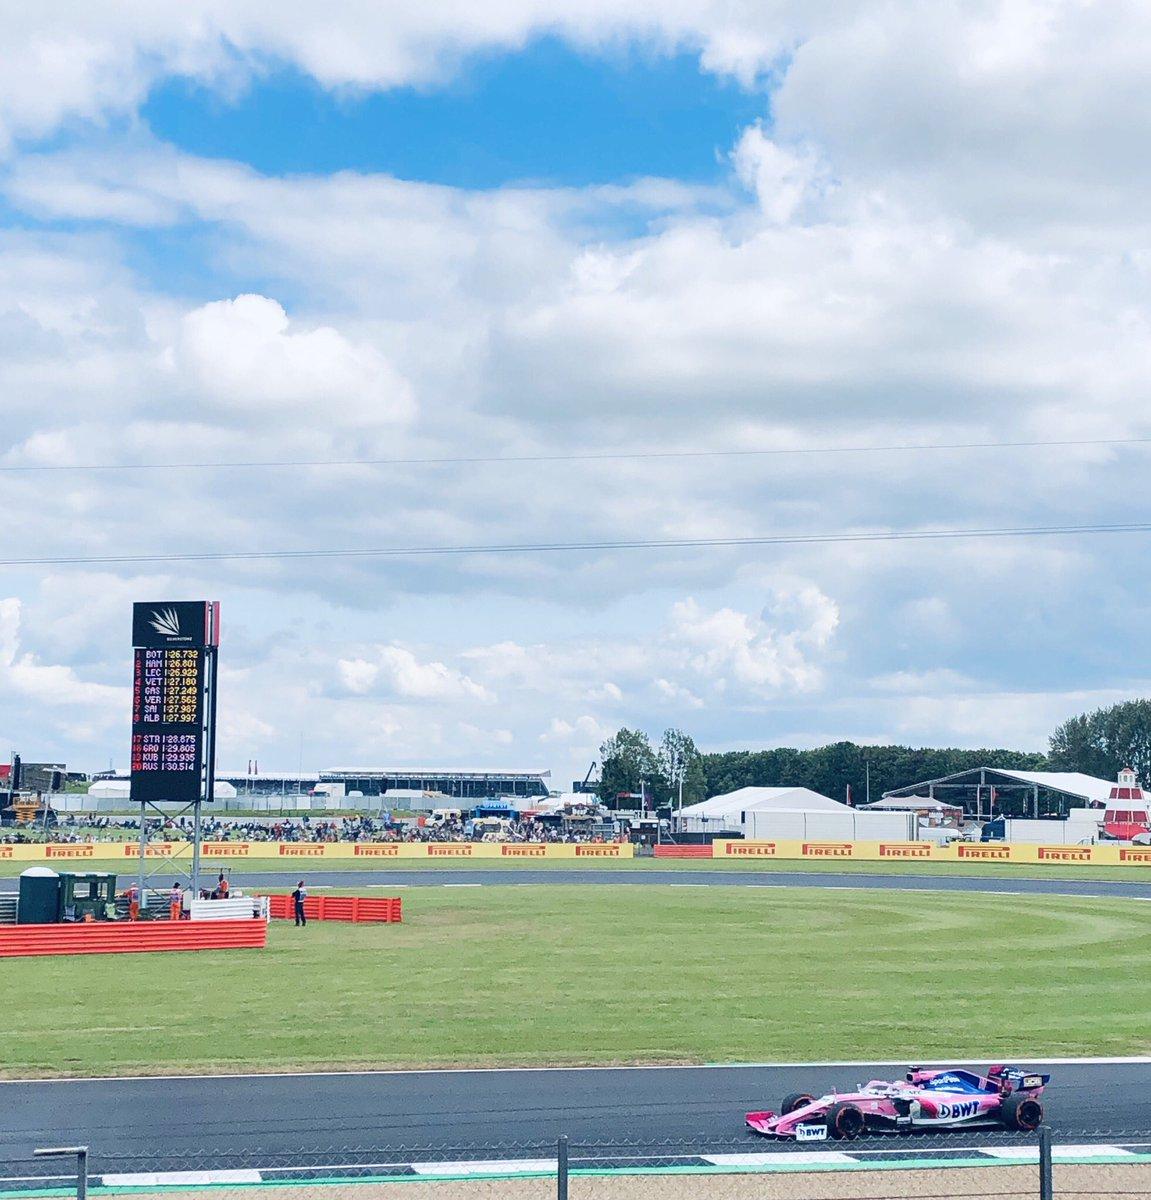 #F1 #Silverstone #BritishGP #mysilverstone